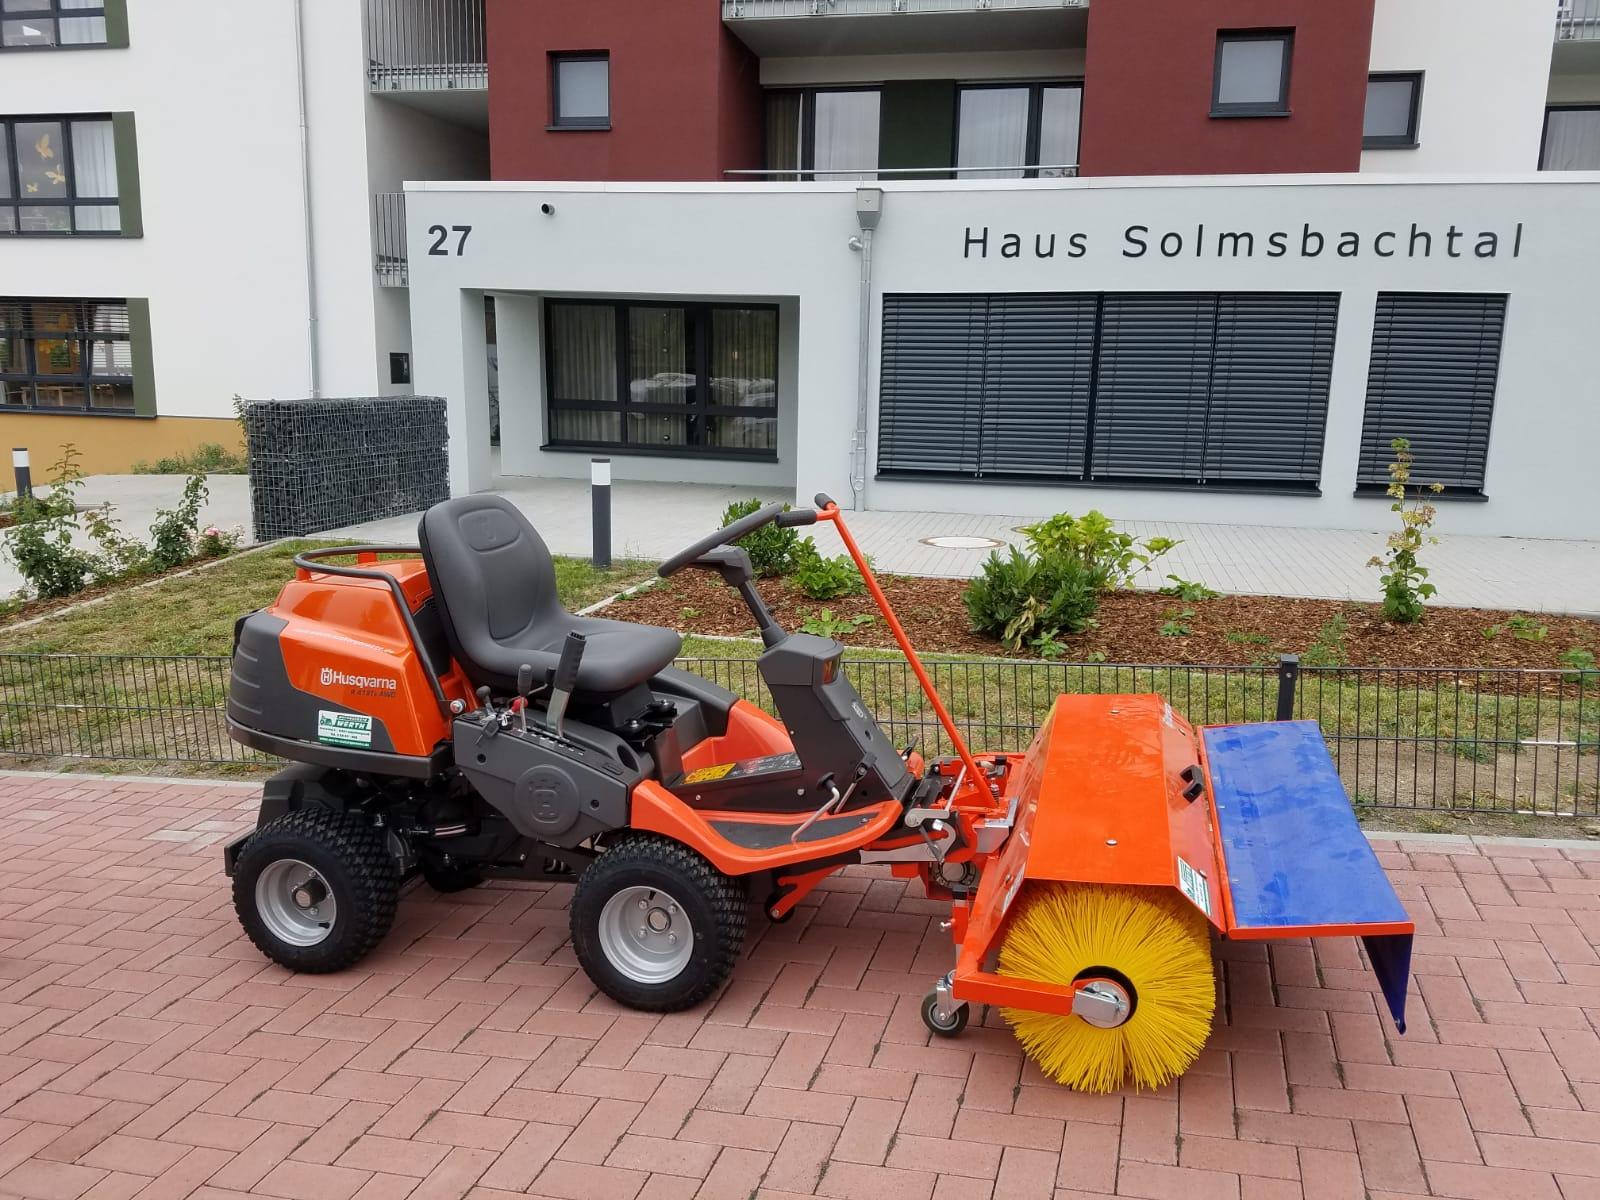 Husqvarna Frontmäher Husqvarna Rider 418Ts AWD Aufsitzmäher mit Kehrbürste günstig kaufen